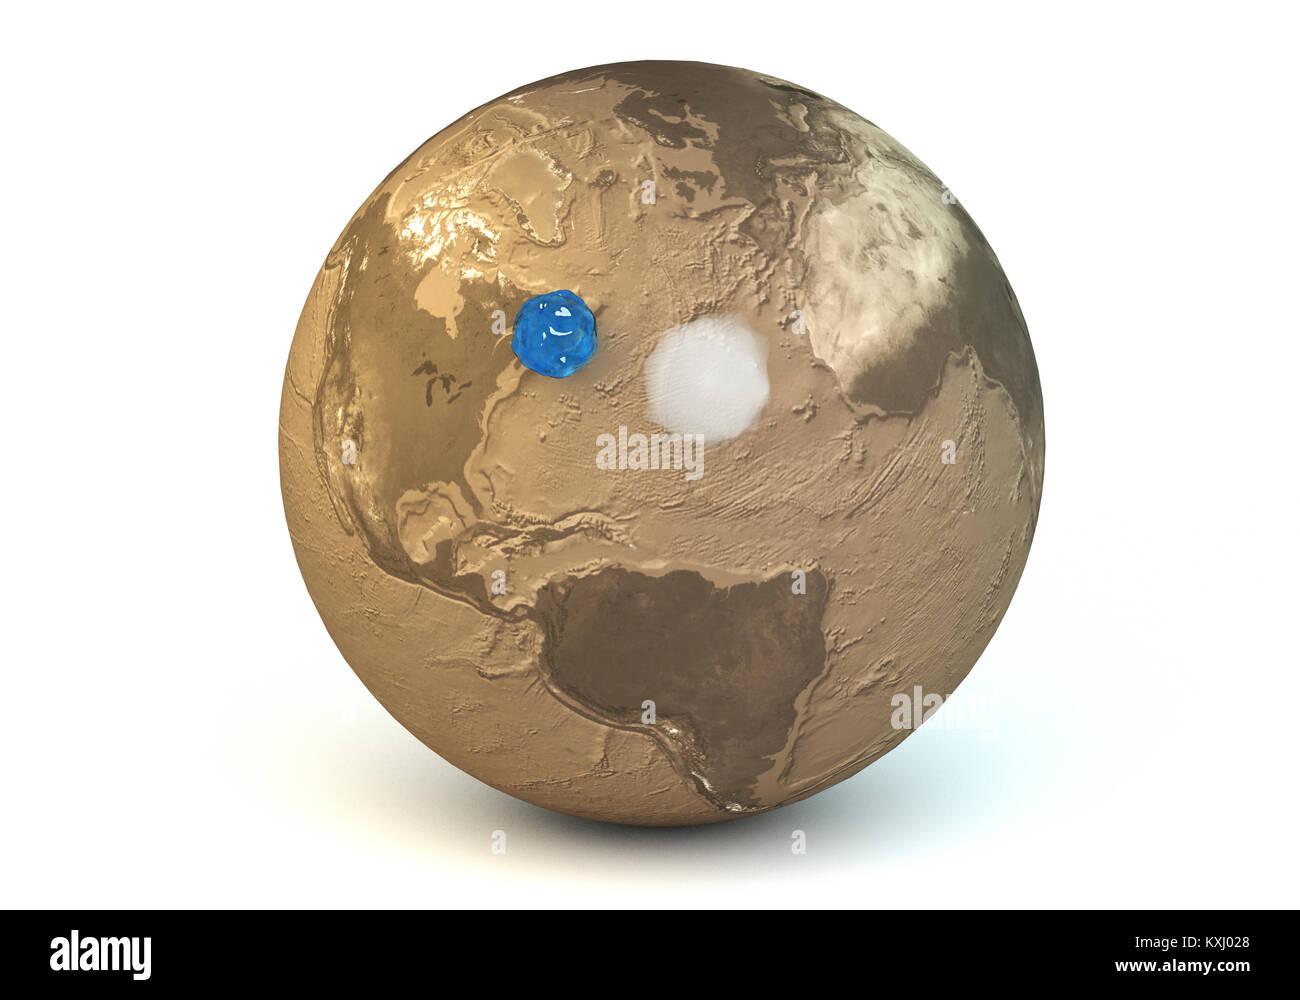 Esta es la representación en 3D de la comparación de las masas de agua y aire del planeta Tierra. Foto de stock